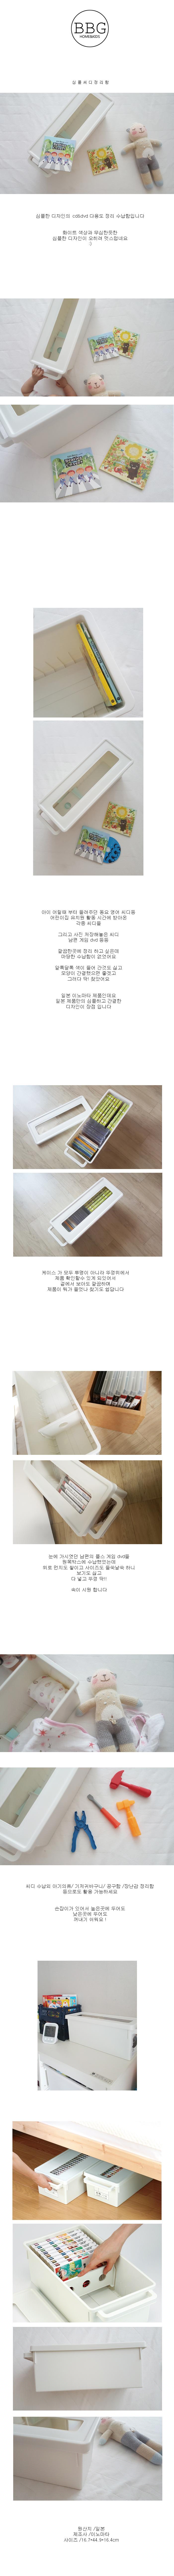 심플한 씨디 소품 정리함 - 베이비글, 14,500원, 정리/리빙박스, 플라스틱 리빙박스